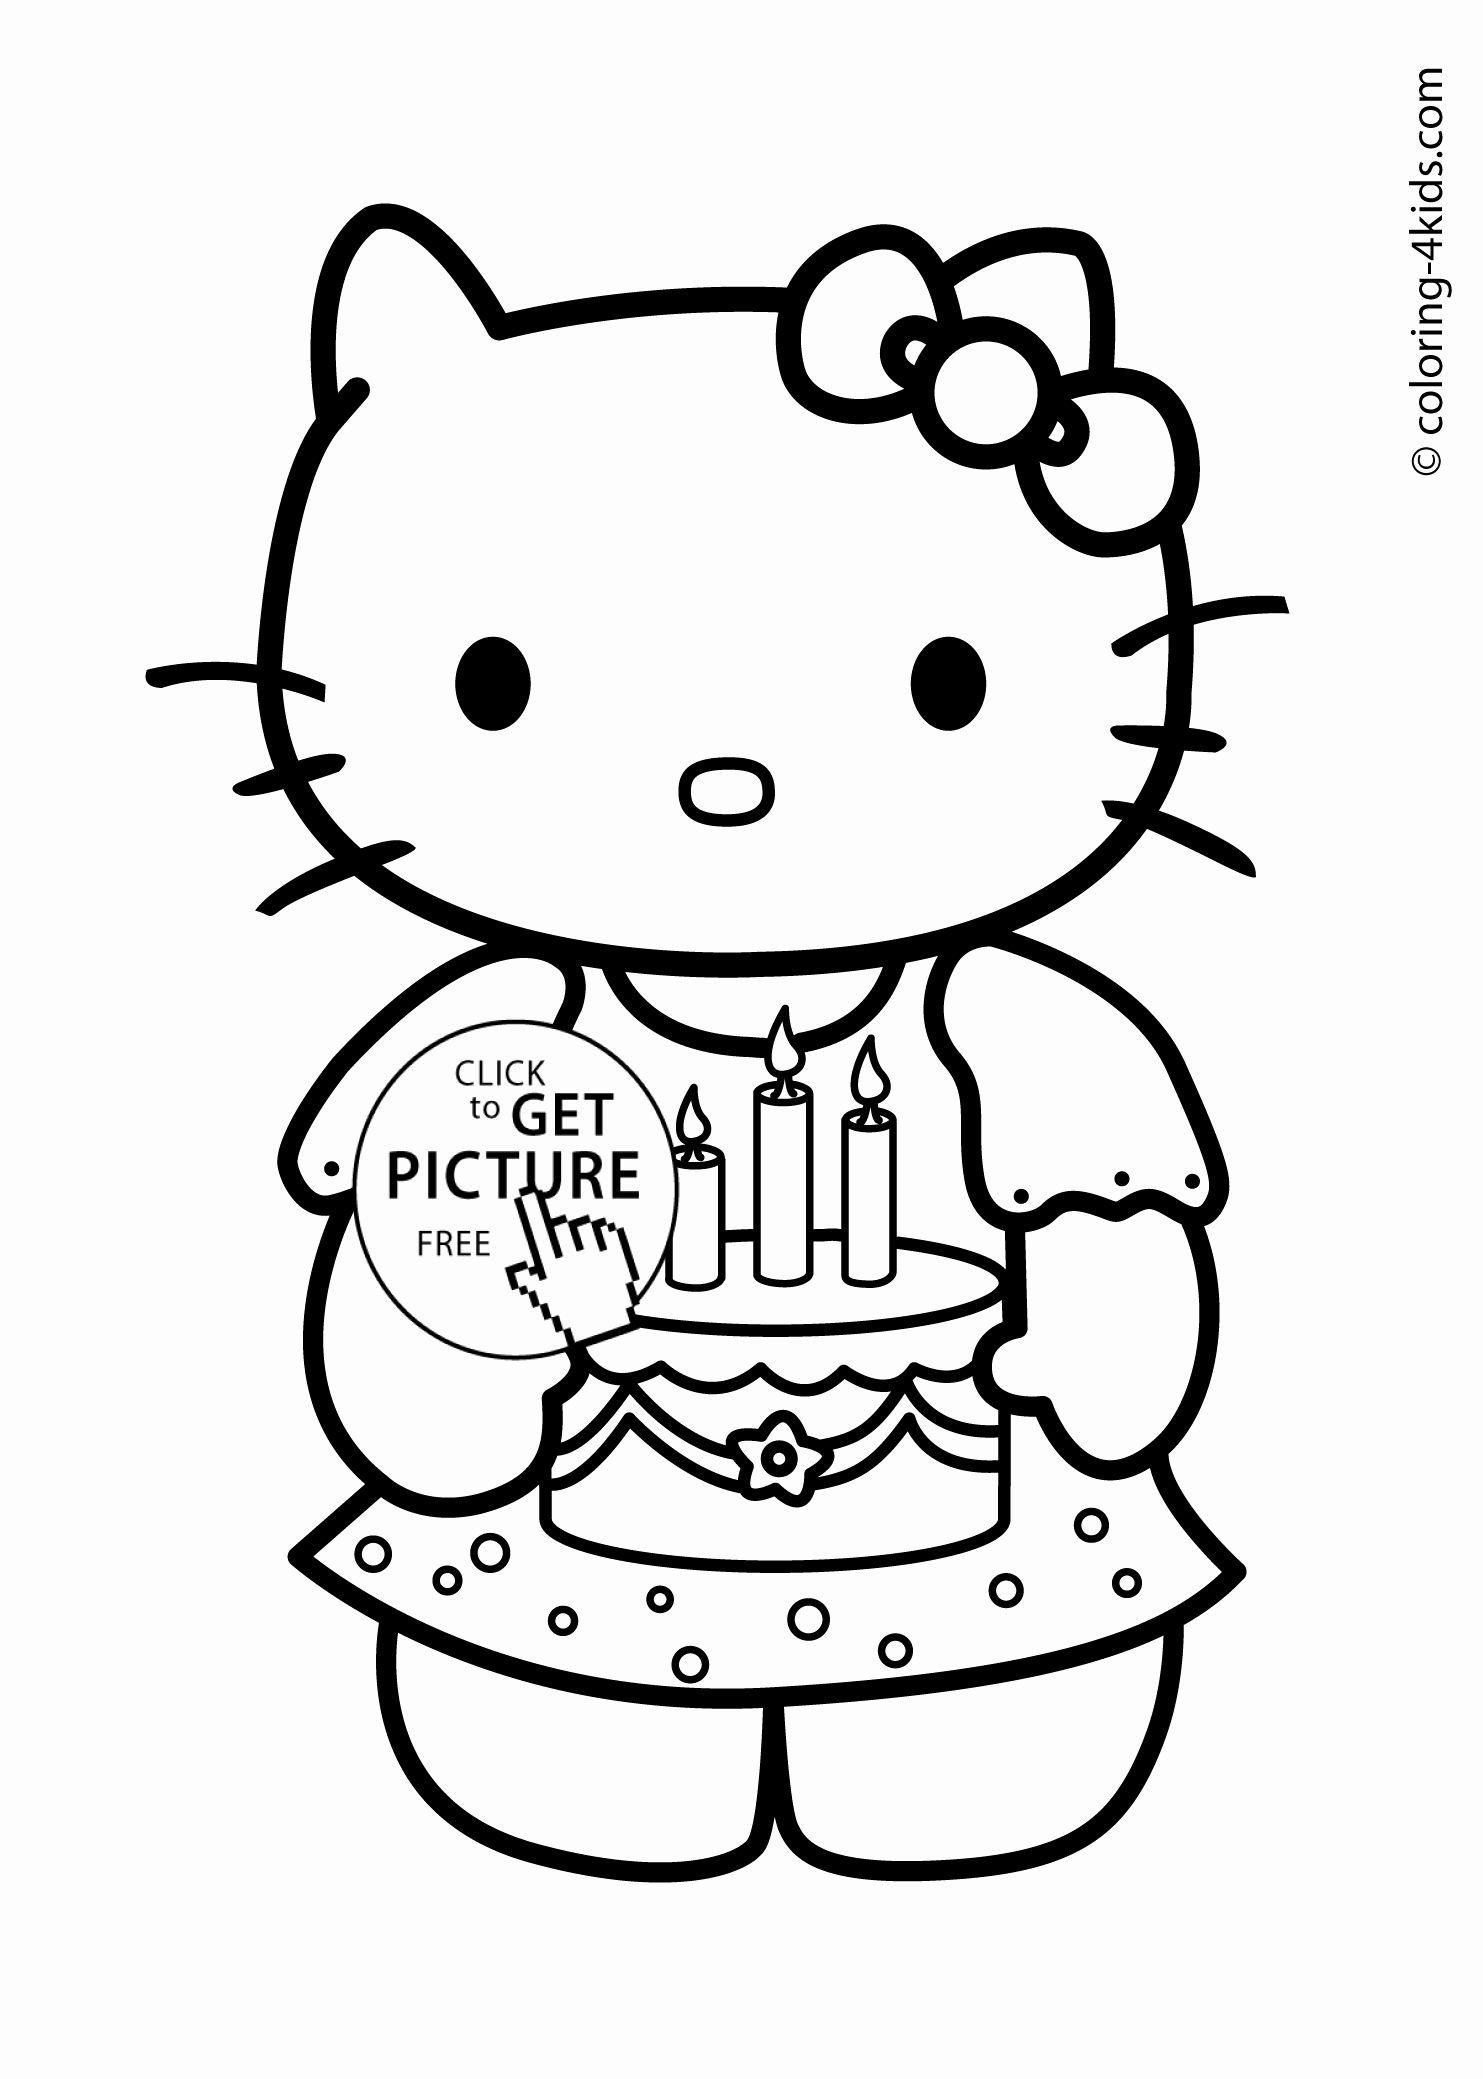 Printable Coloring Birthday Card Awesome Happy Birthday Drawing Cards At Getdrawings Hello Kitty Buku Gambar Warna